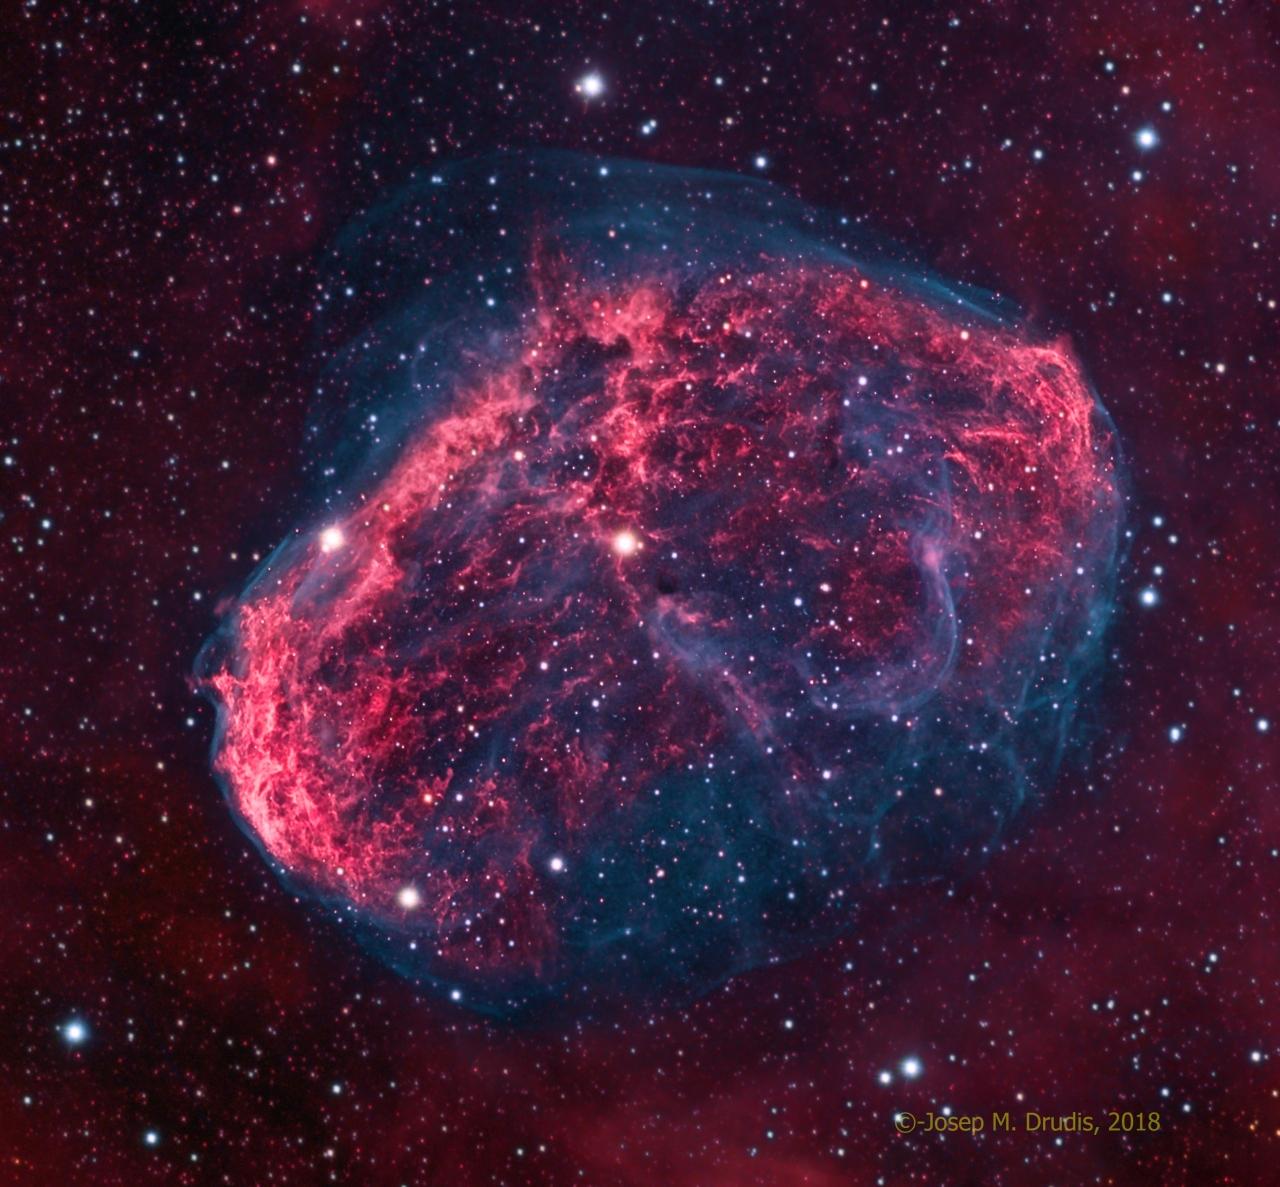 NGC6888-SL-HOOH-tq-05B4-Final 3-cC-SpH